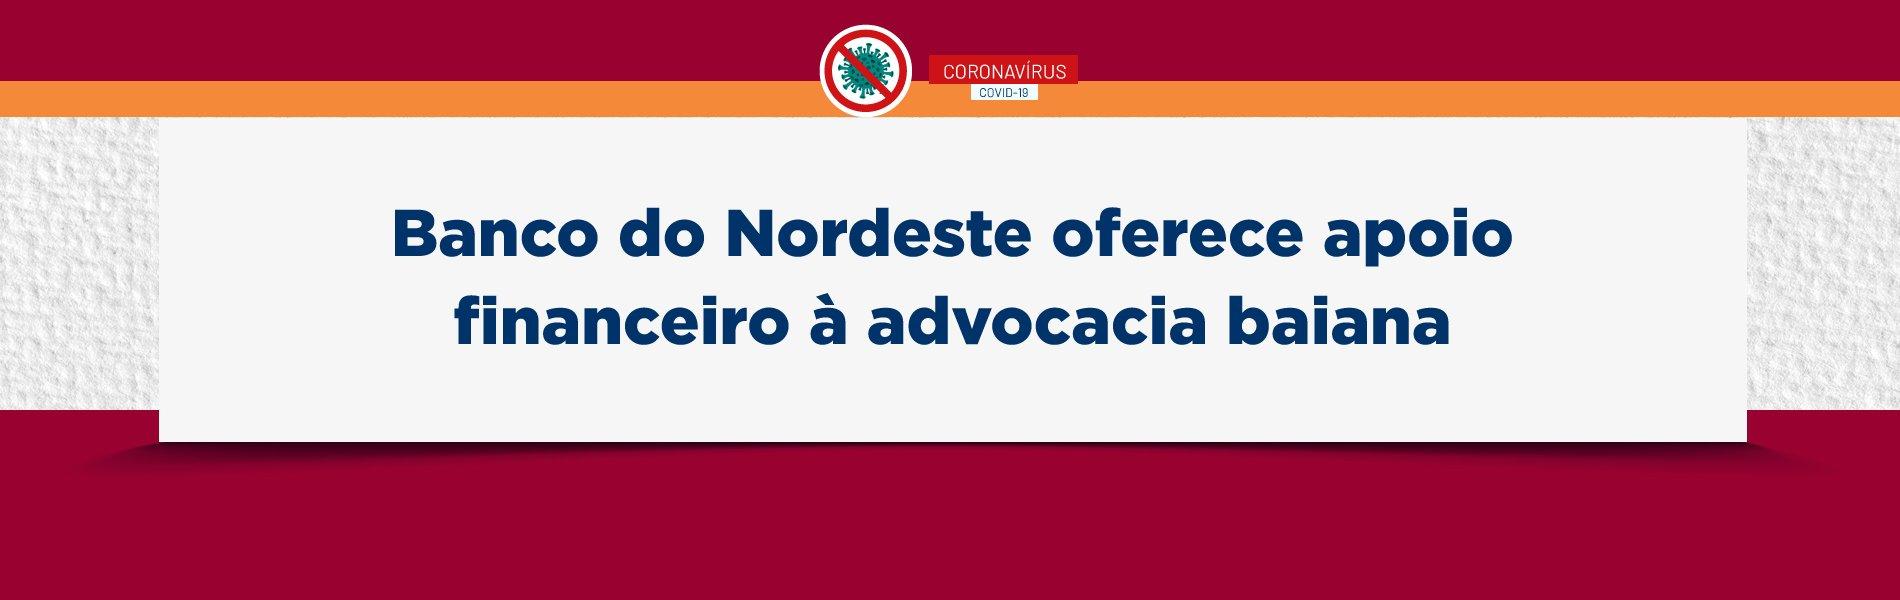 [Coronavírus: Banco do Nordeste oferece apoio financeiro à advocacia baiana]